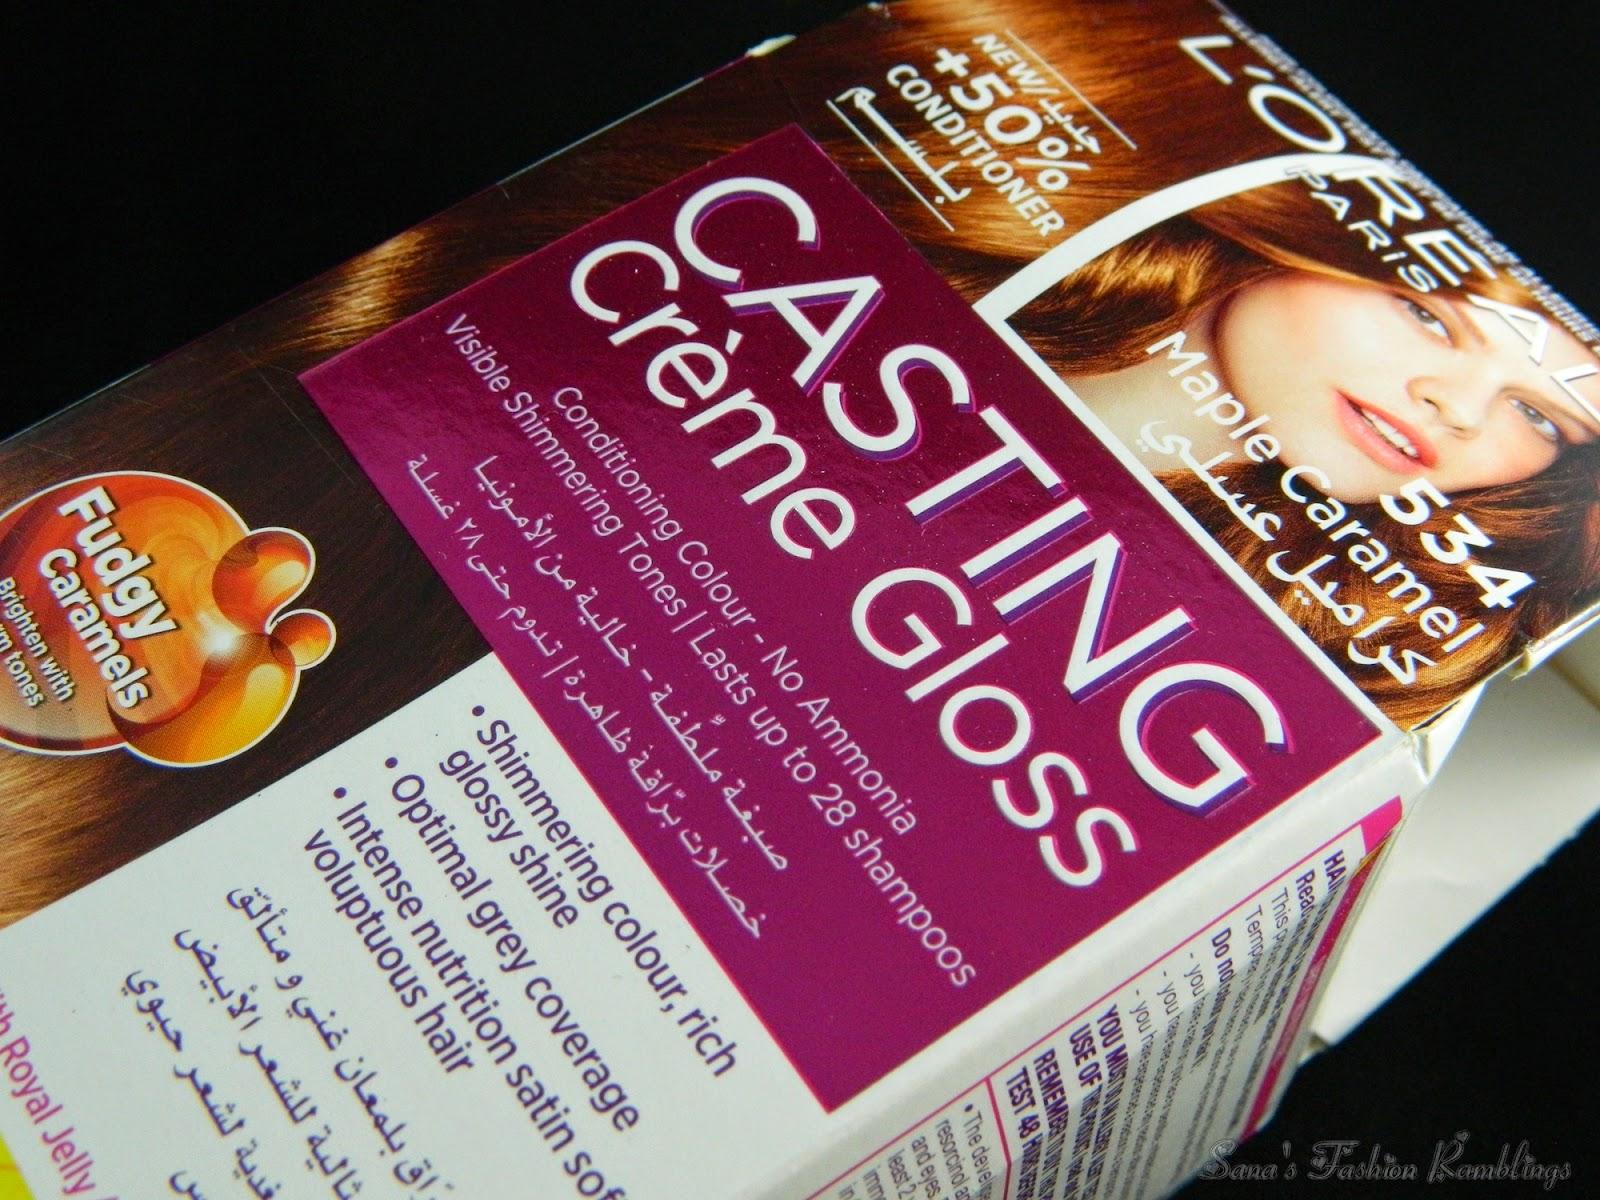 loreal caramel image source to download loreal caramel image source ...